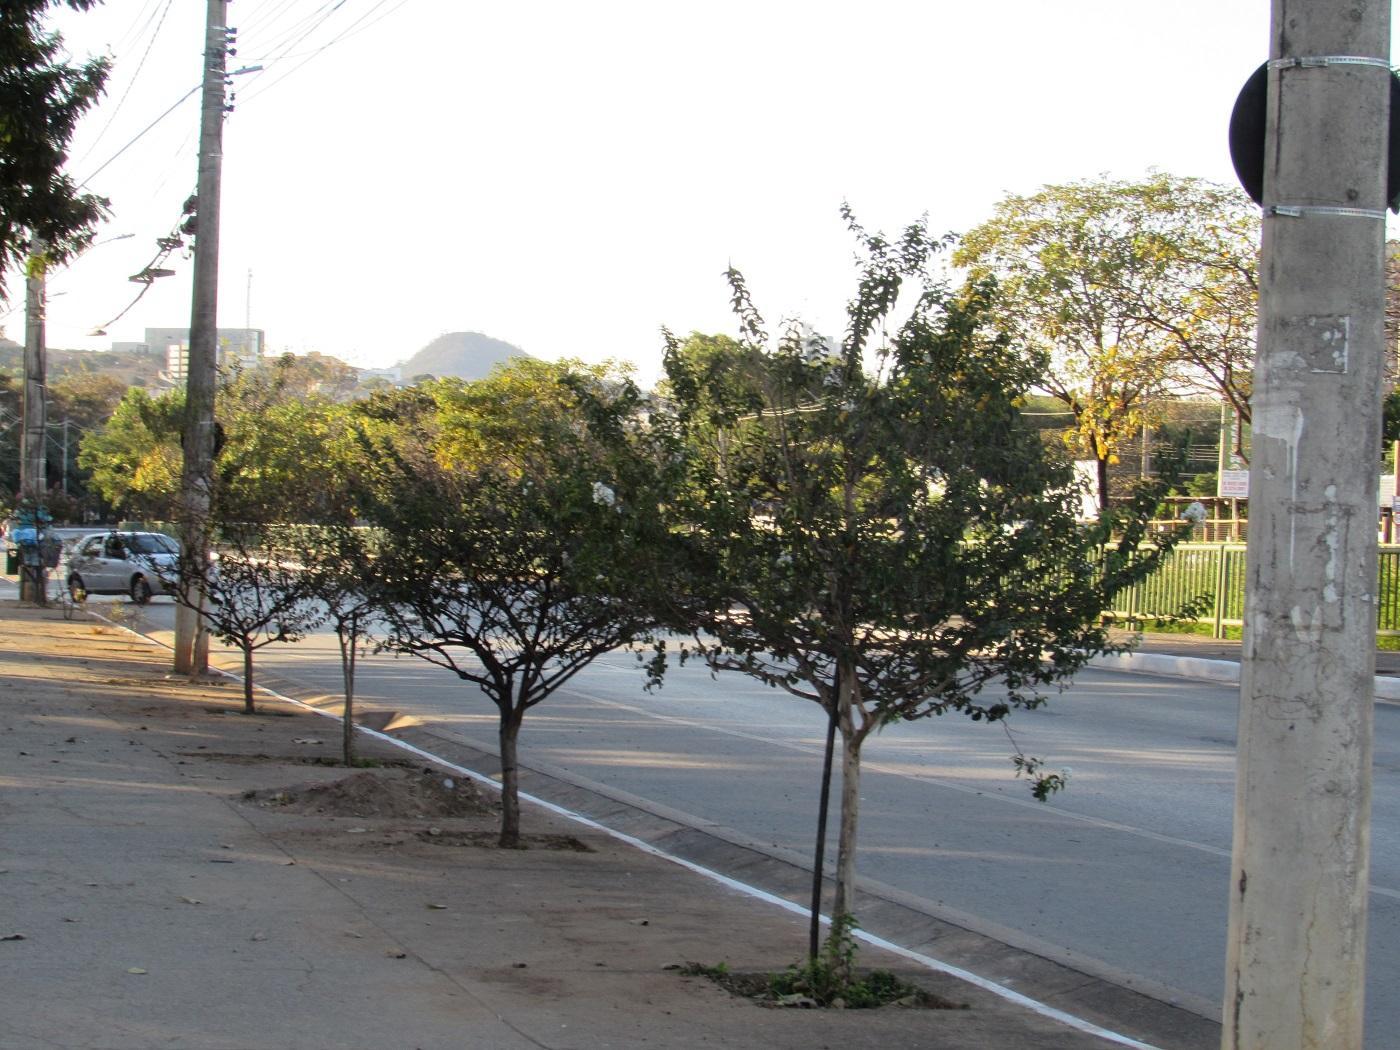 Imagem de destaque Prefeitura promove plantio de árvores adequadas ao ambiente urbano